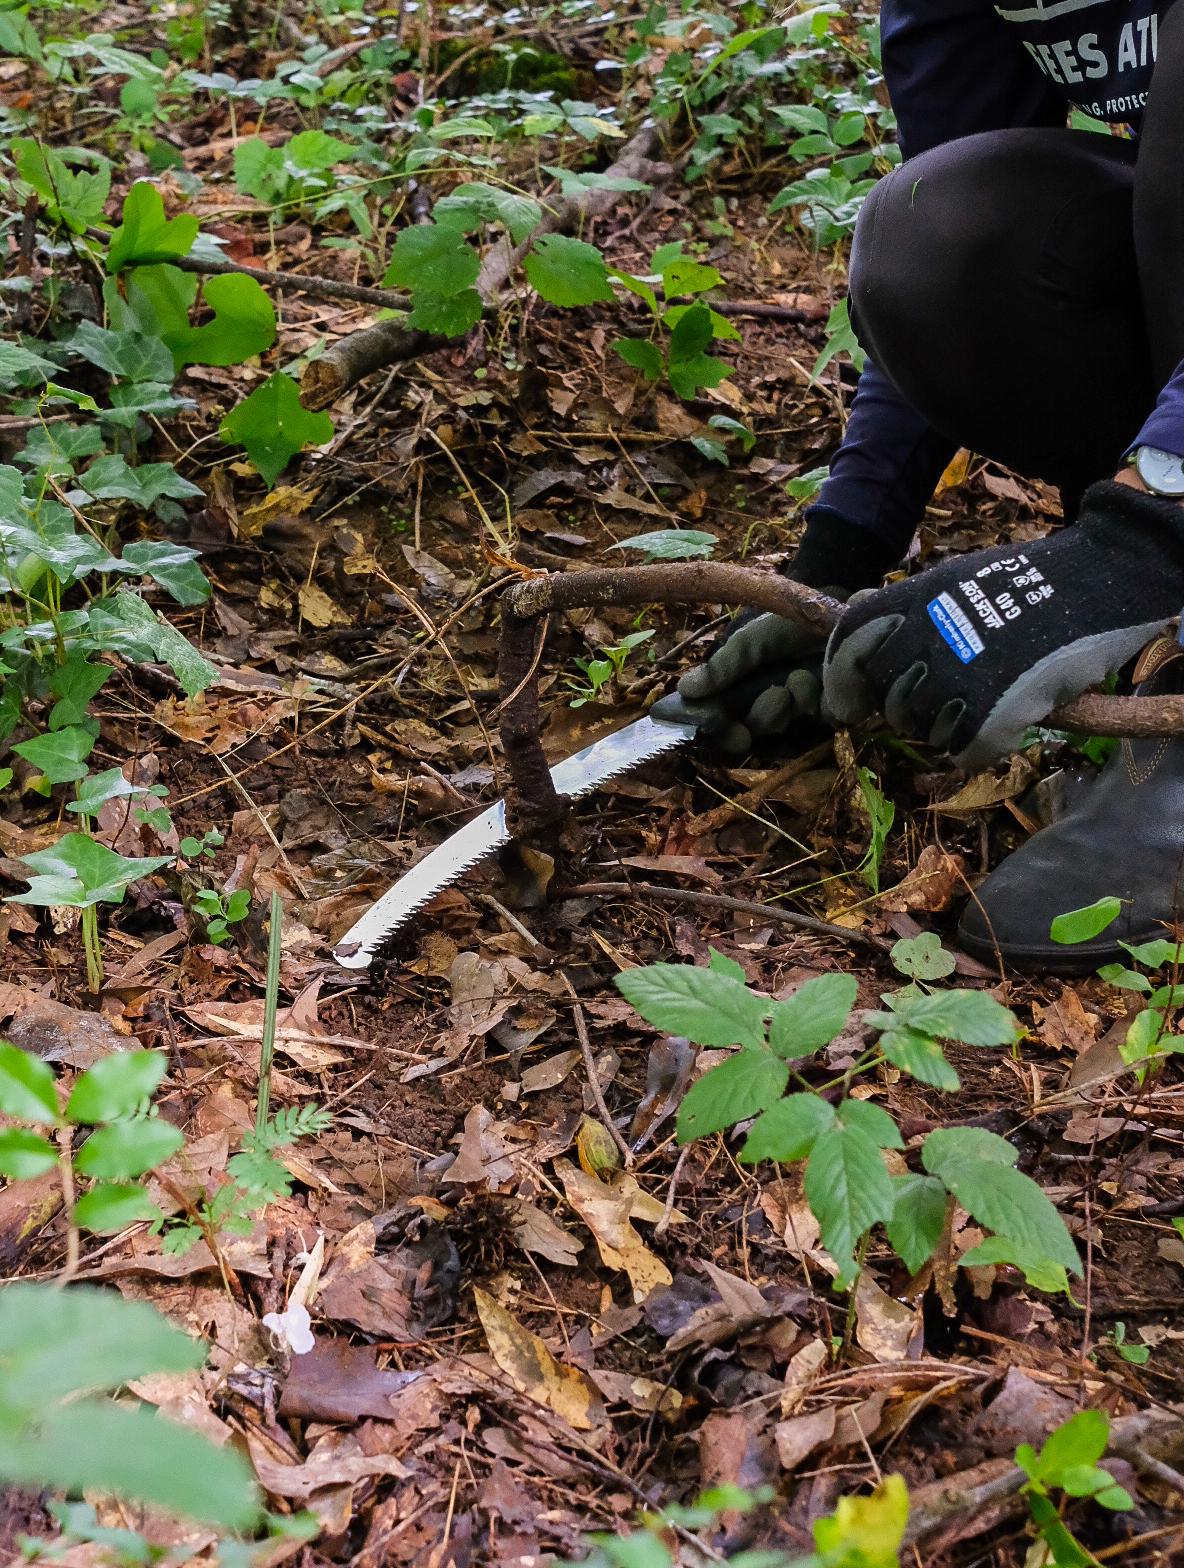 Cutting kudzu at base of vine